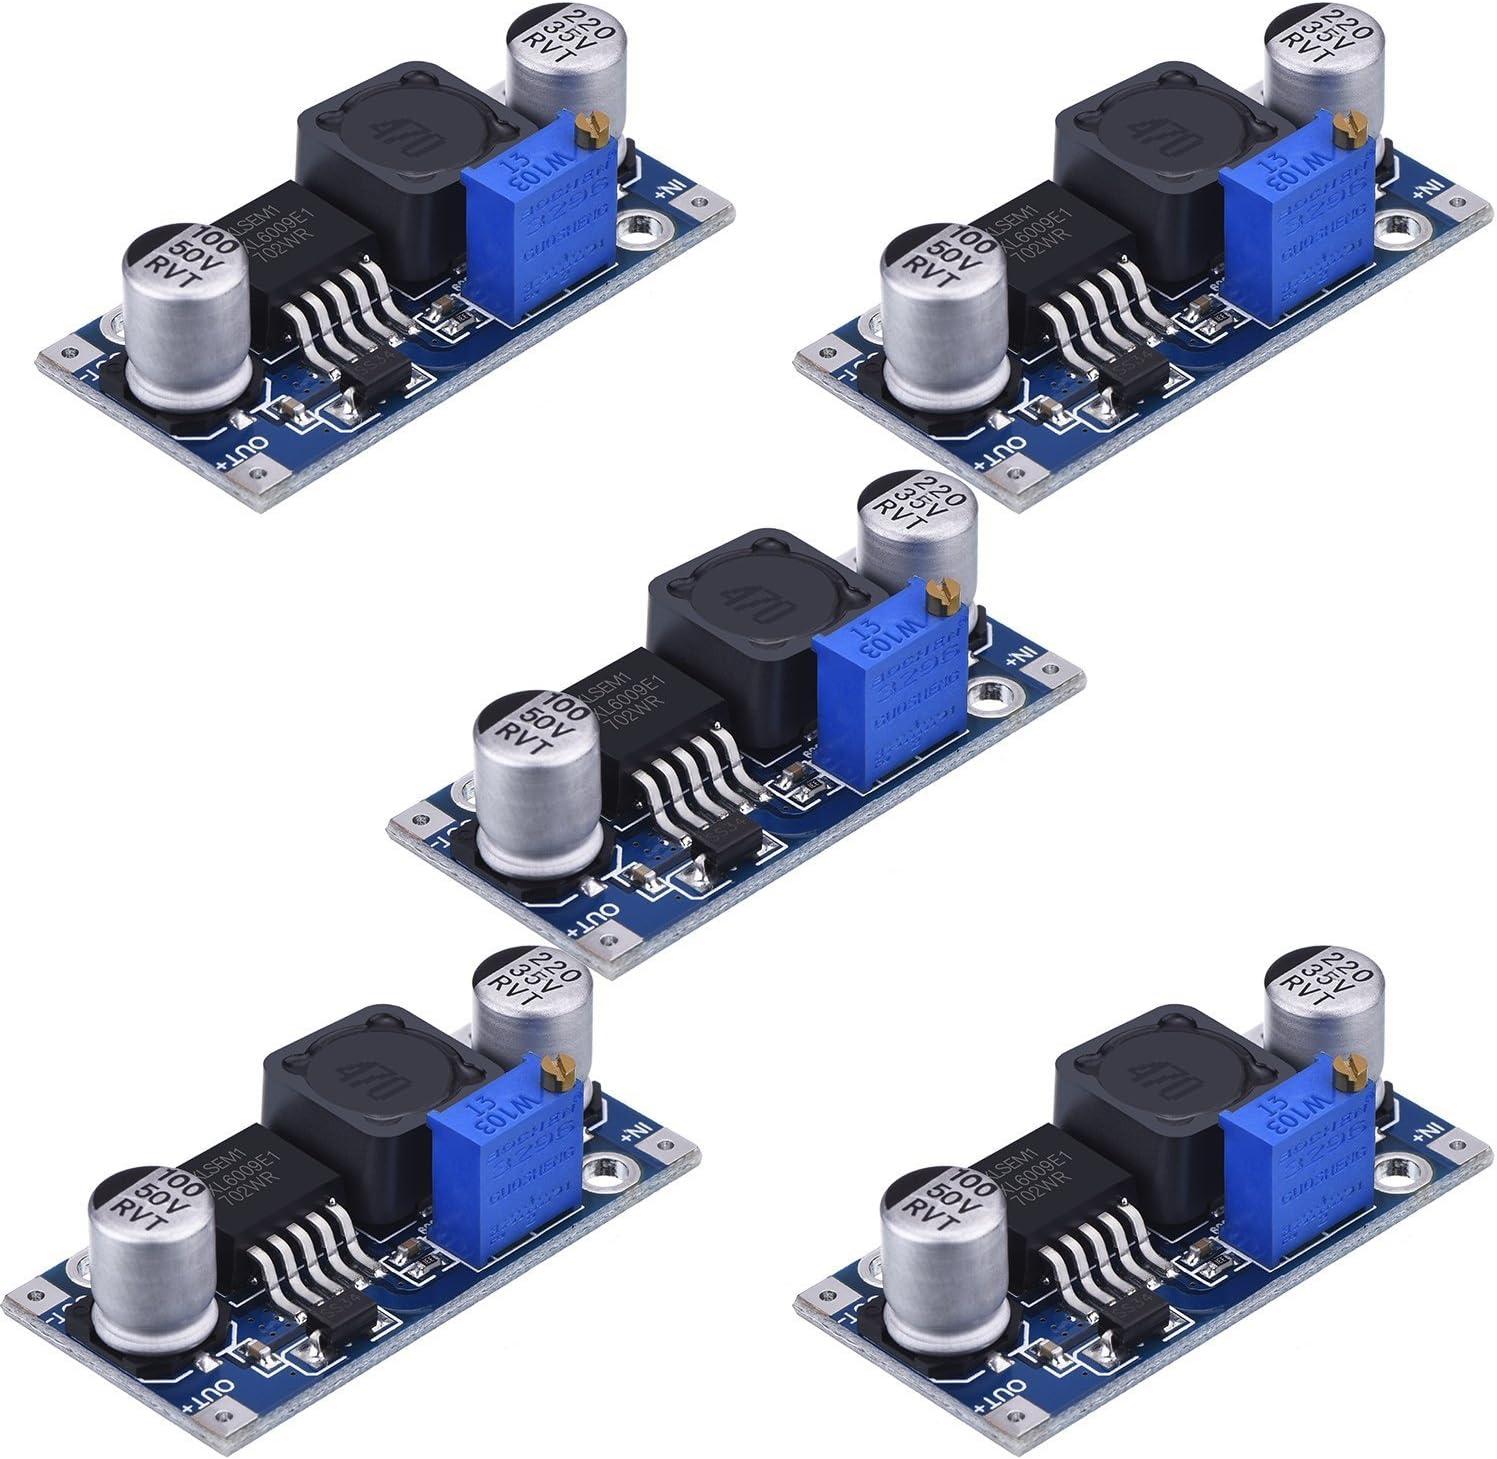 HiLetgo 5pcs XL6009 Boost Module DC-DC Adjustable Module DC3.0-30V to DC5-35V Output Voltage Power Converter Circuit Board Module 400KHz